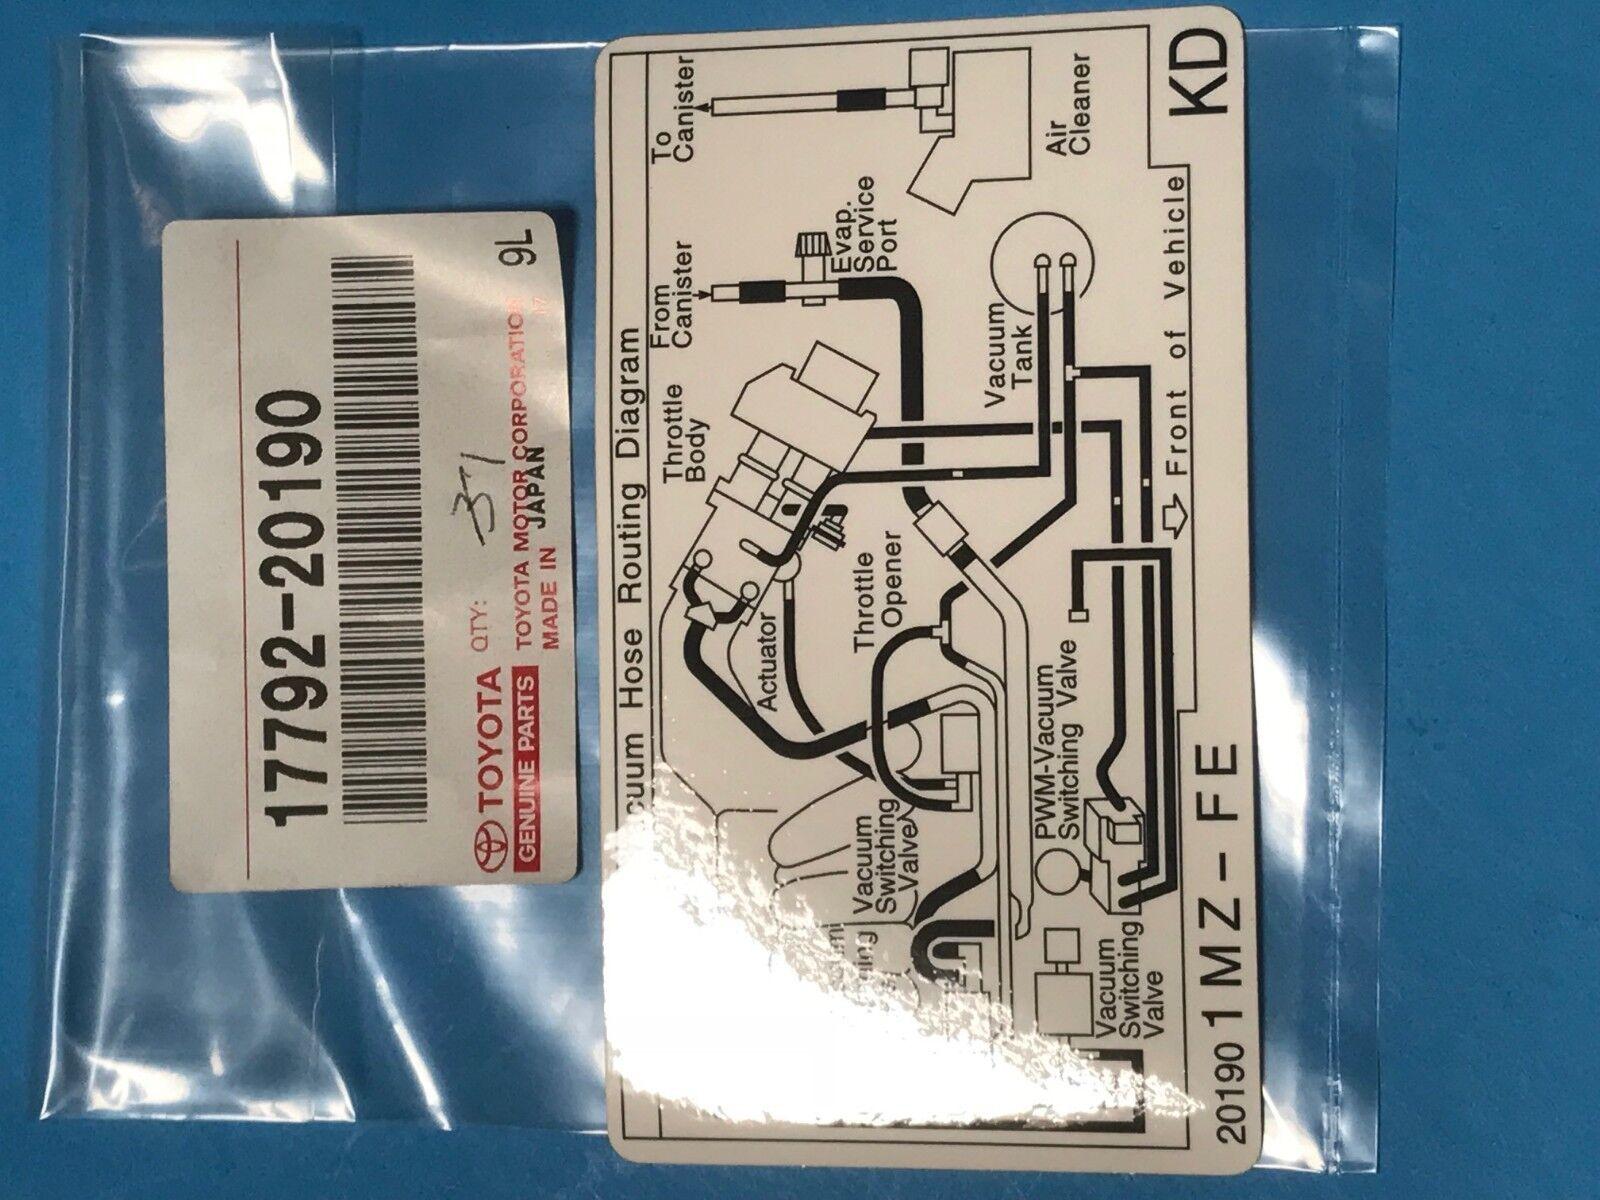 hight resolution of lexus toyota oem 00 01 es300 labels vacuum hose diagram 1779220190